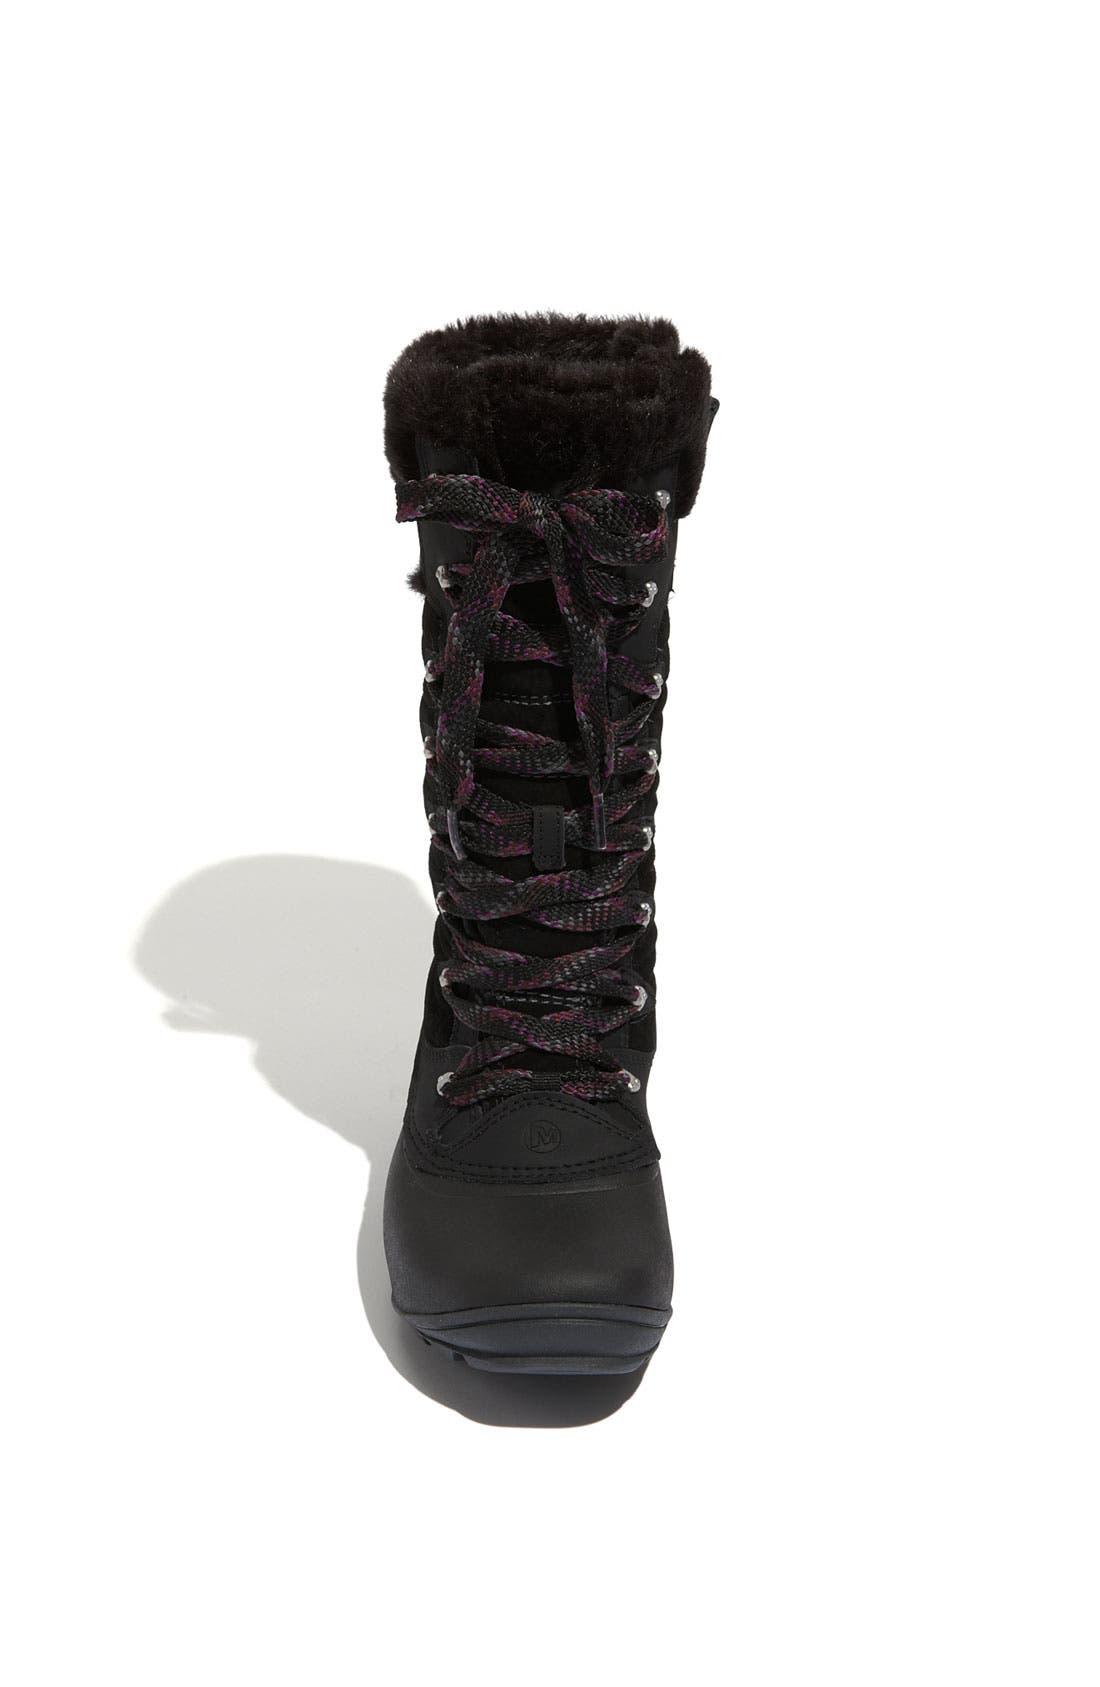 Alternate Image 3  - Merrell 'Winterbelle Peak' Waterproof Boot